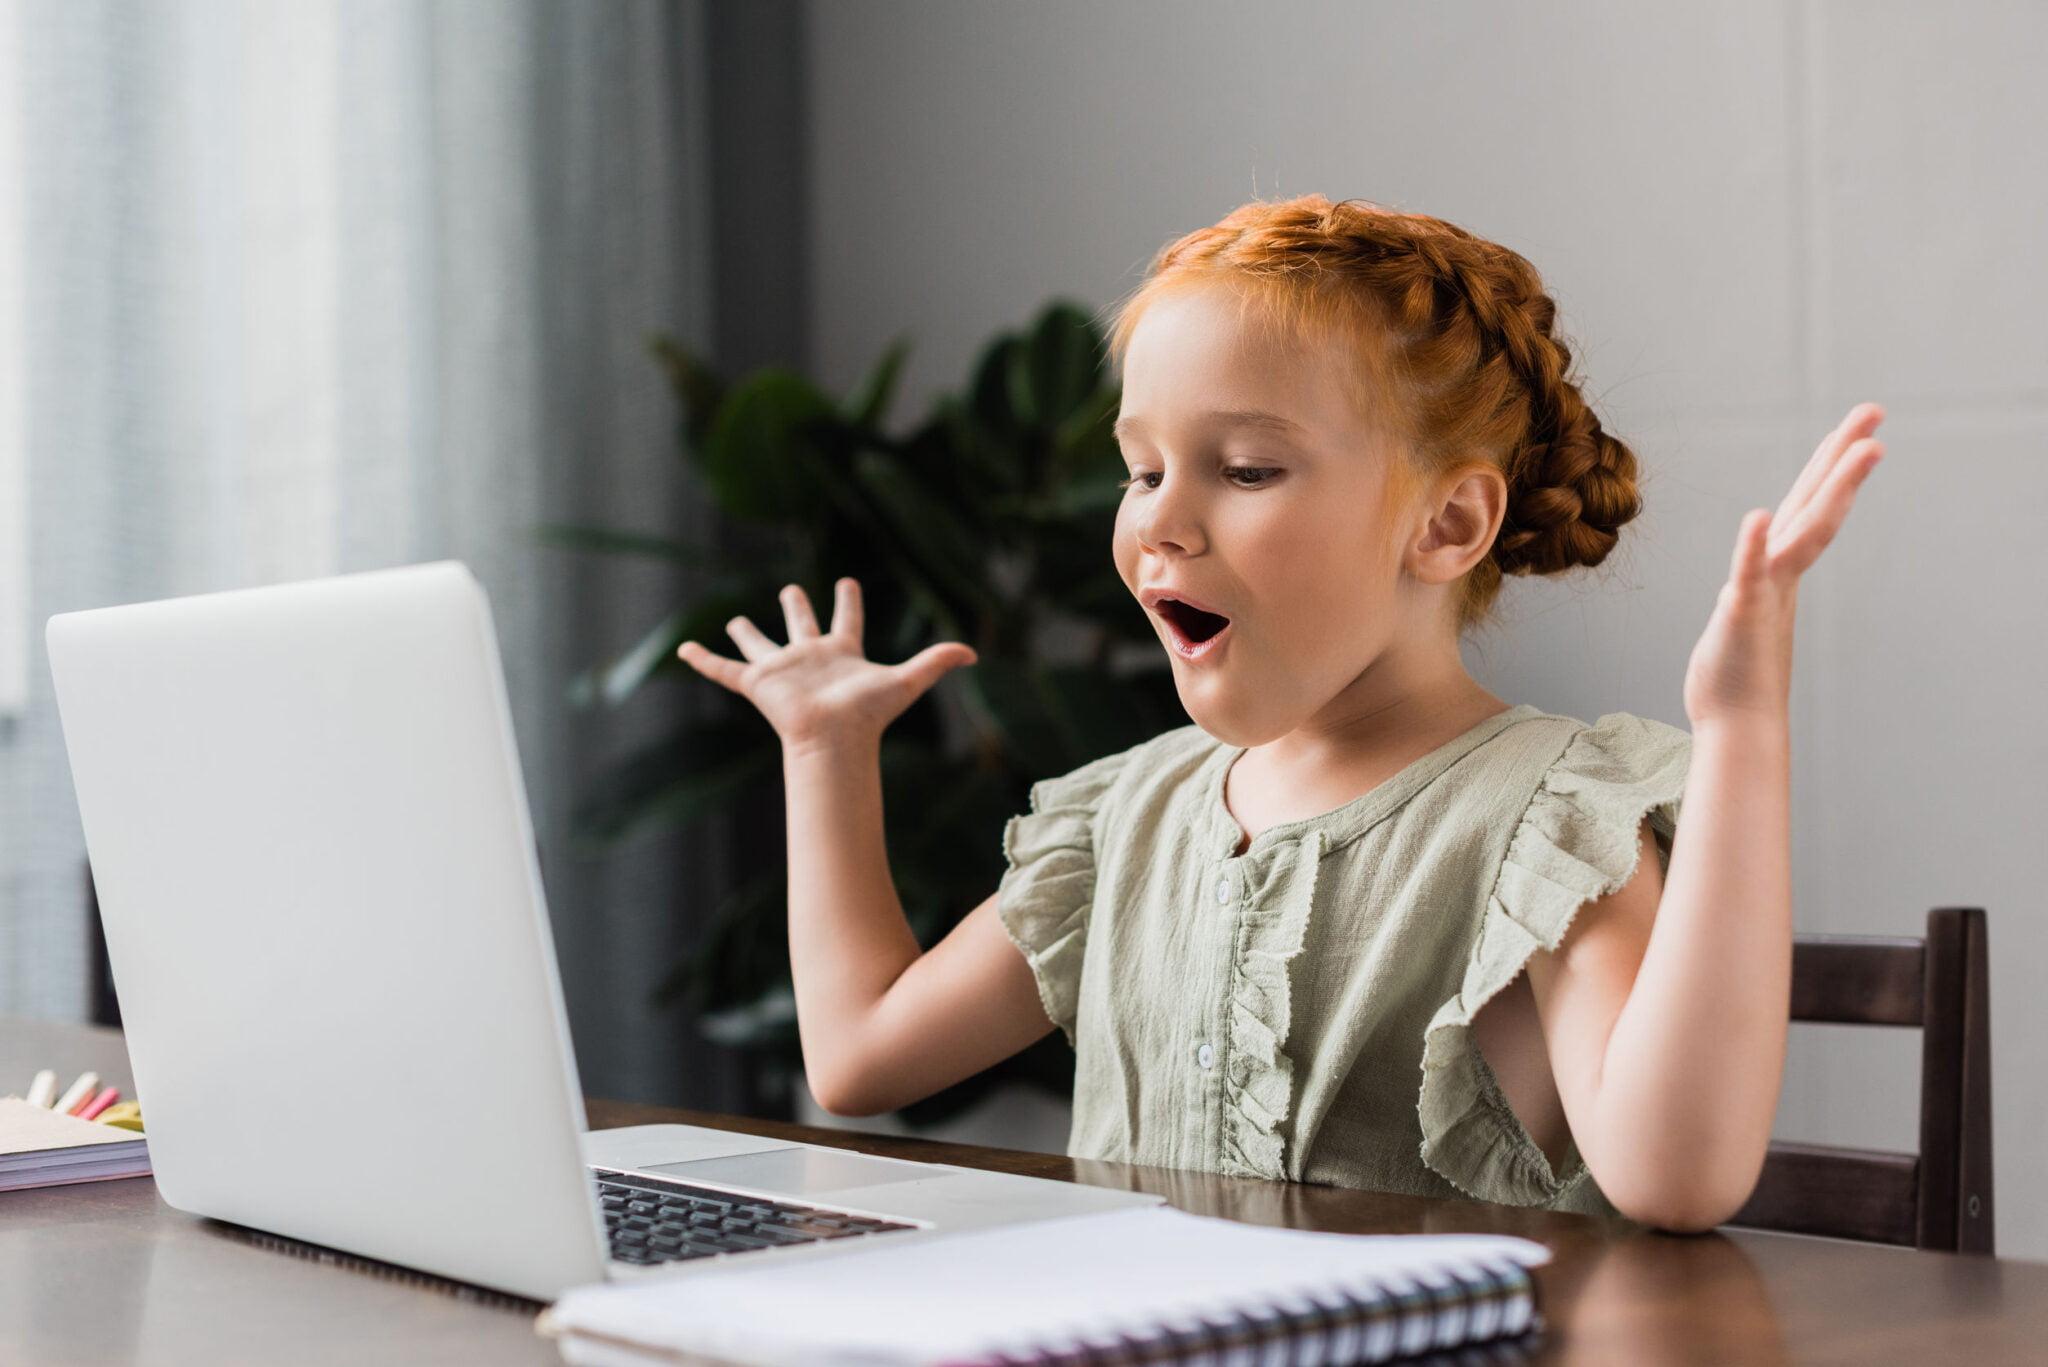 Digitale spelletjes en activiteiten om online op afstand te spelen via videobellen, teams, zoom en skype. Inclusief energizers vor kinderen, peuters en collega's. - Mamaliefde.nl